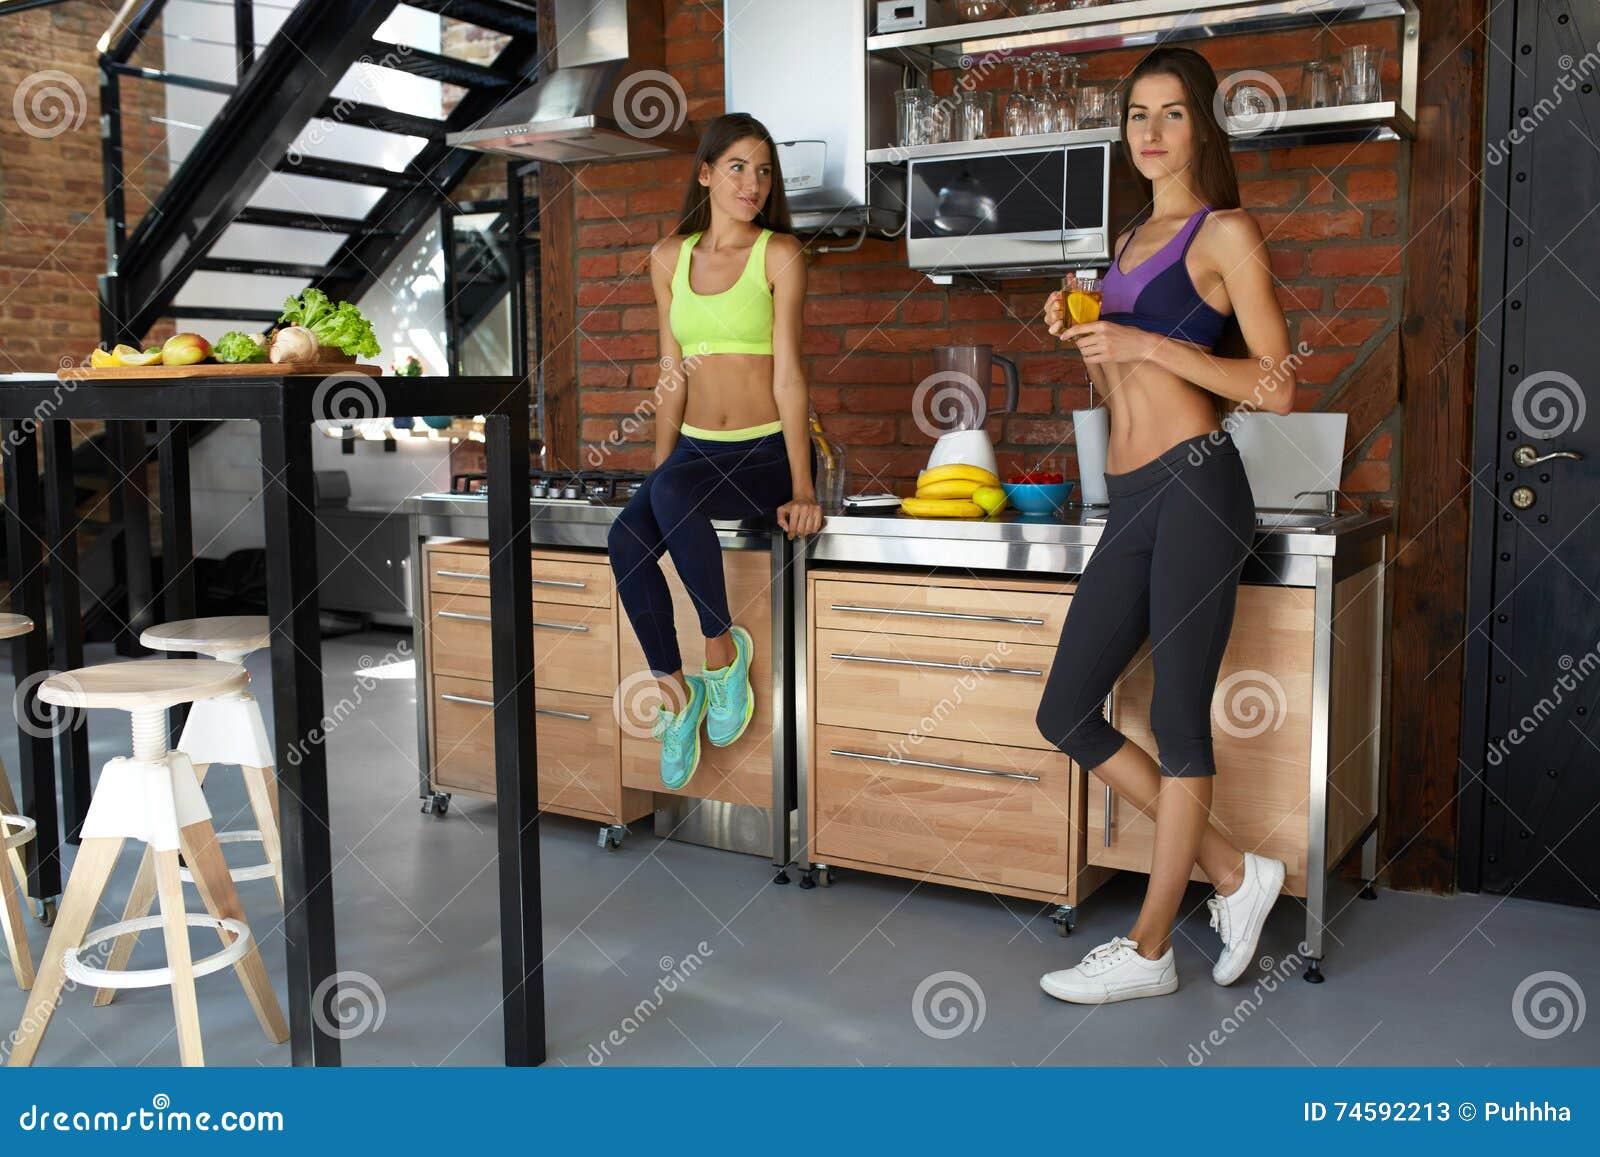 Healthy Nutrition. Fitness Women In Sportswear Drinking ...